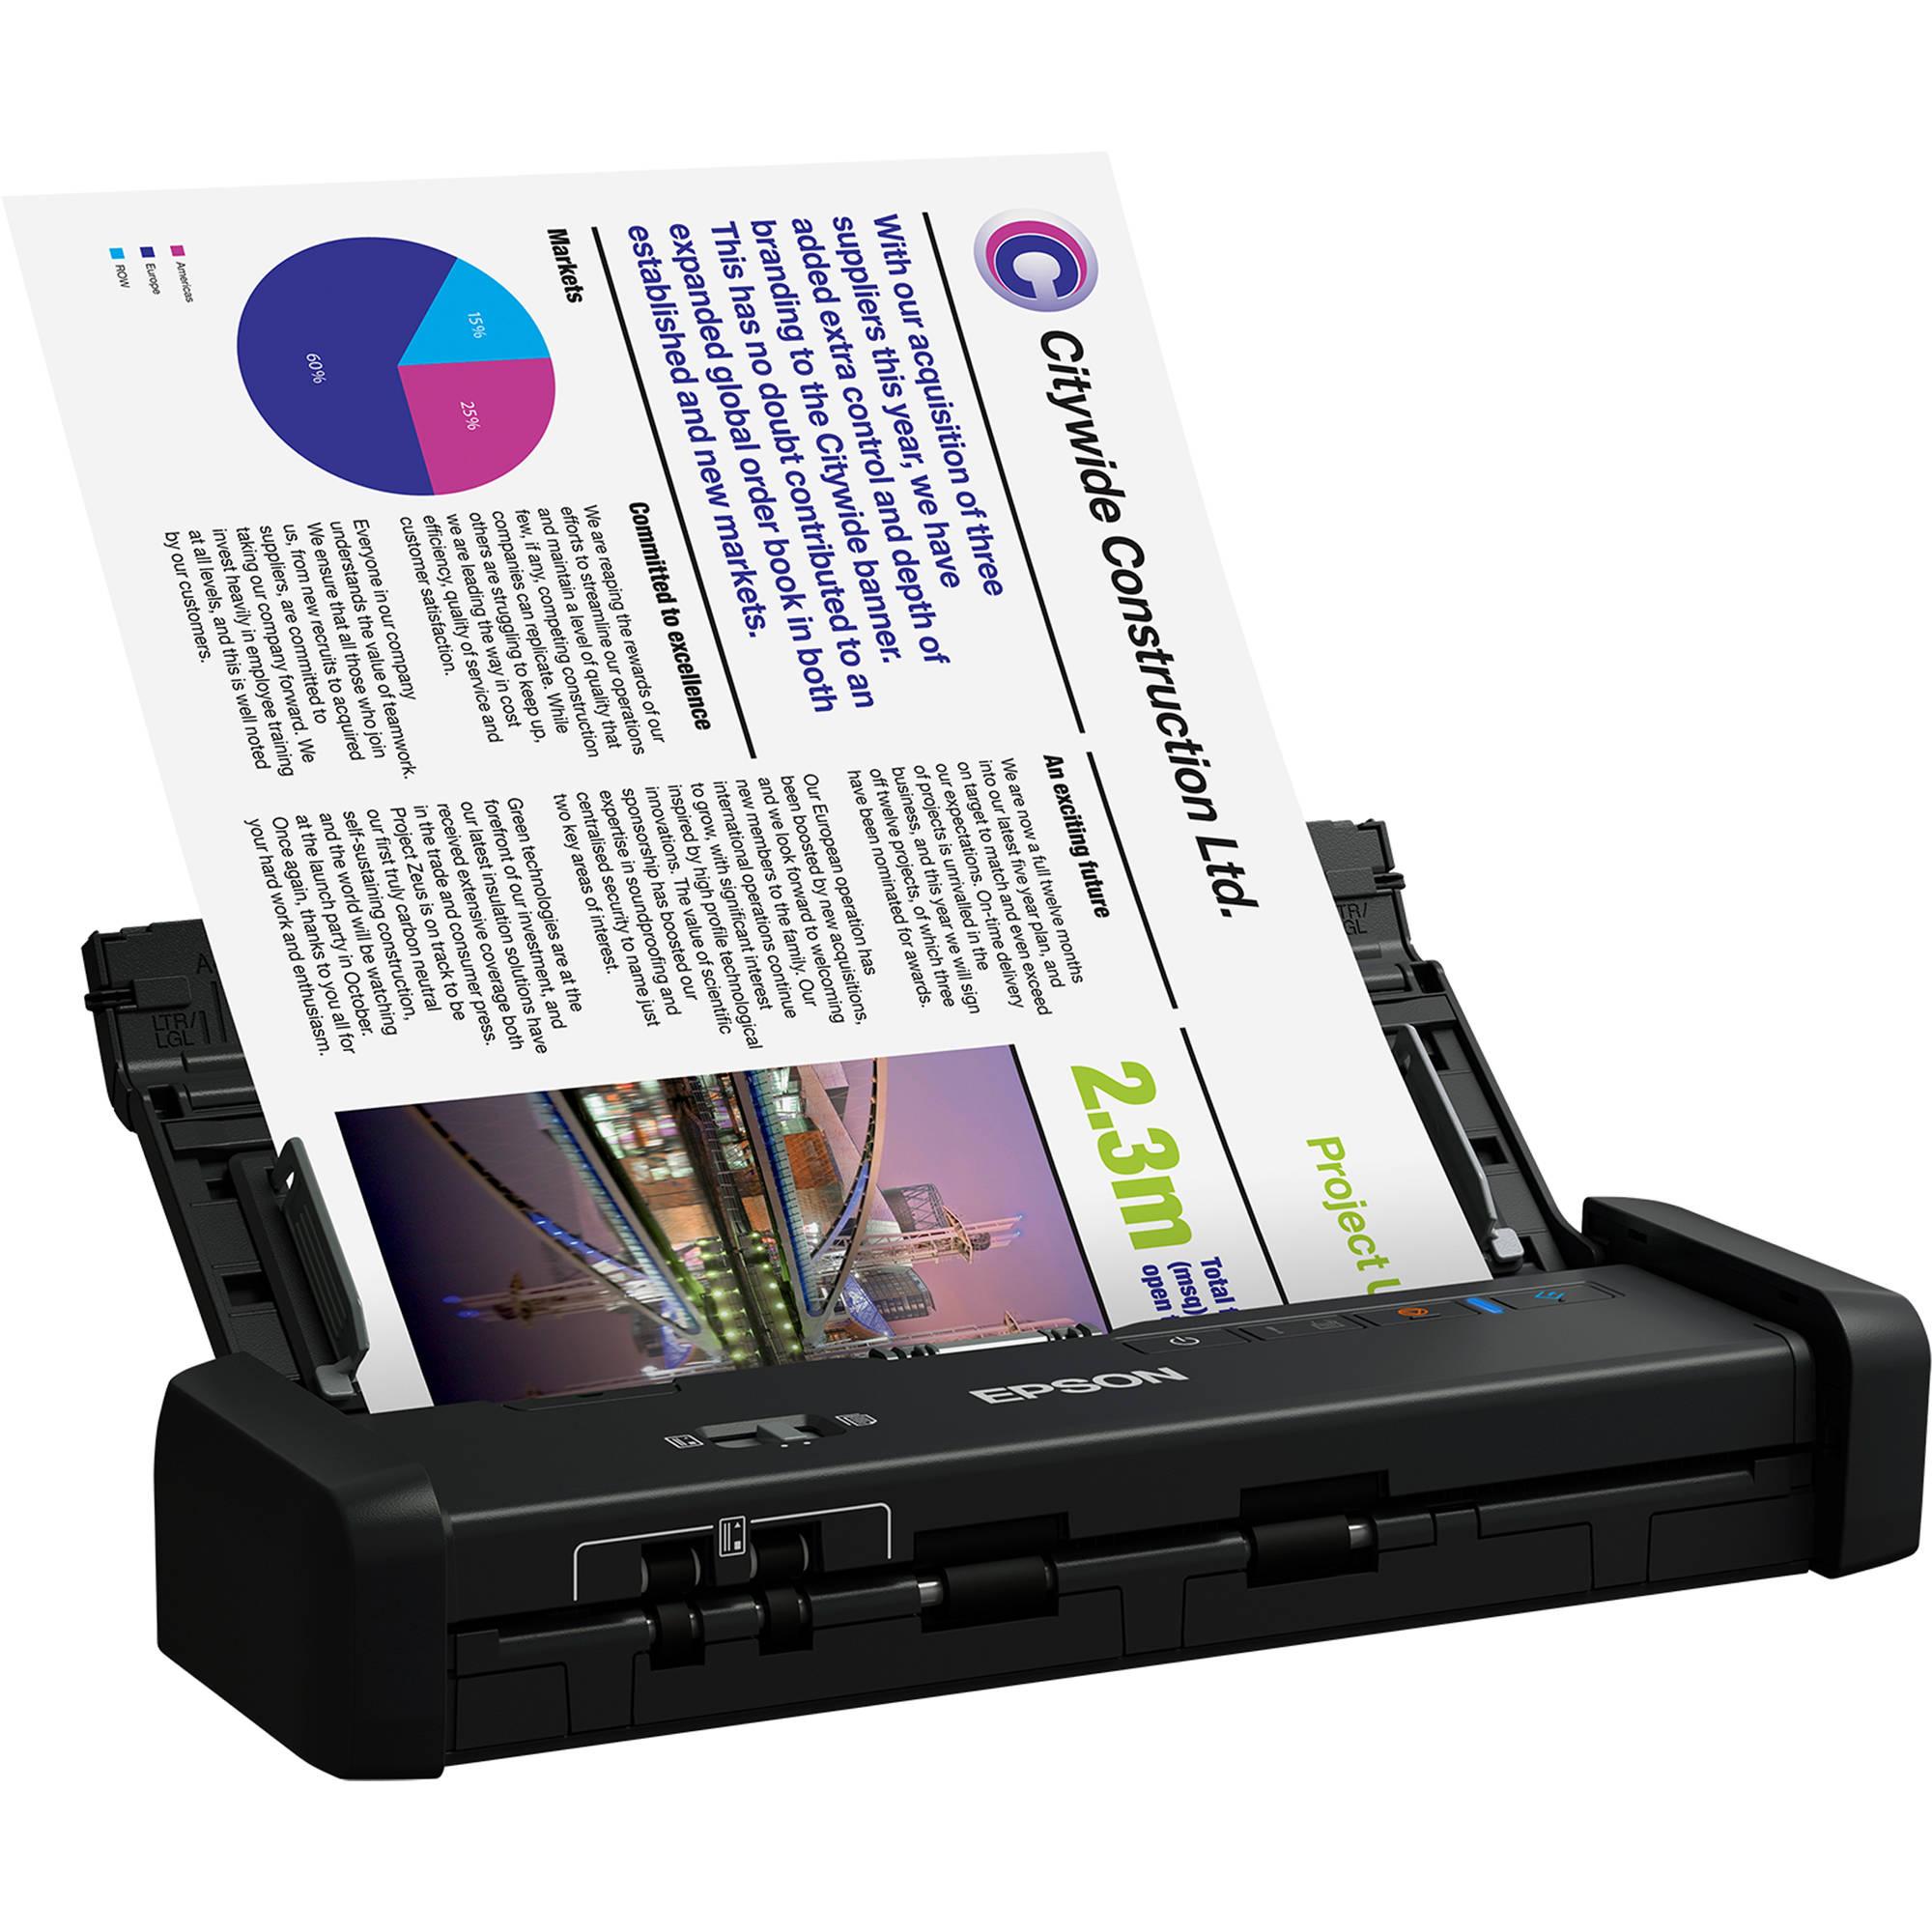 Epson WorkForce ES-200 Portable Duplex Document Scanner